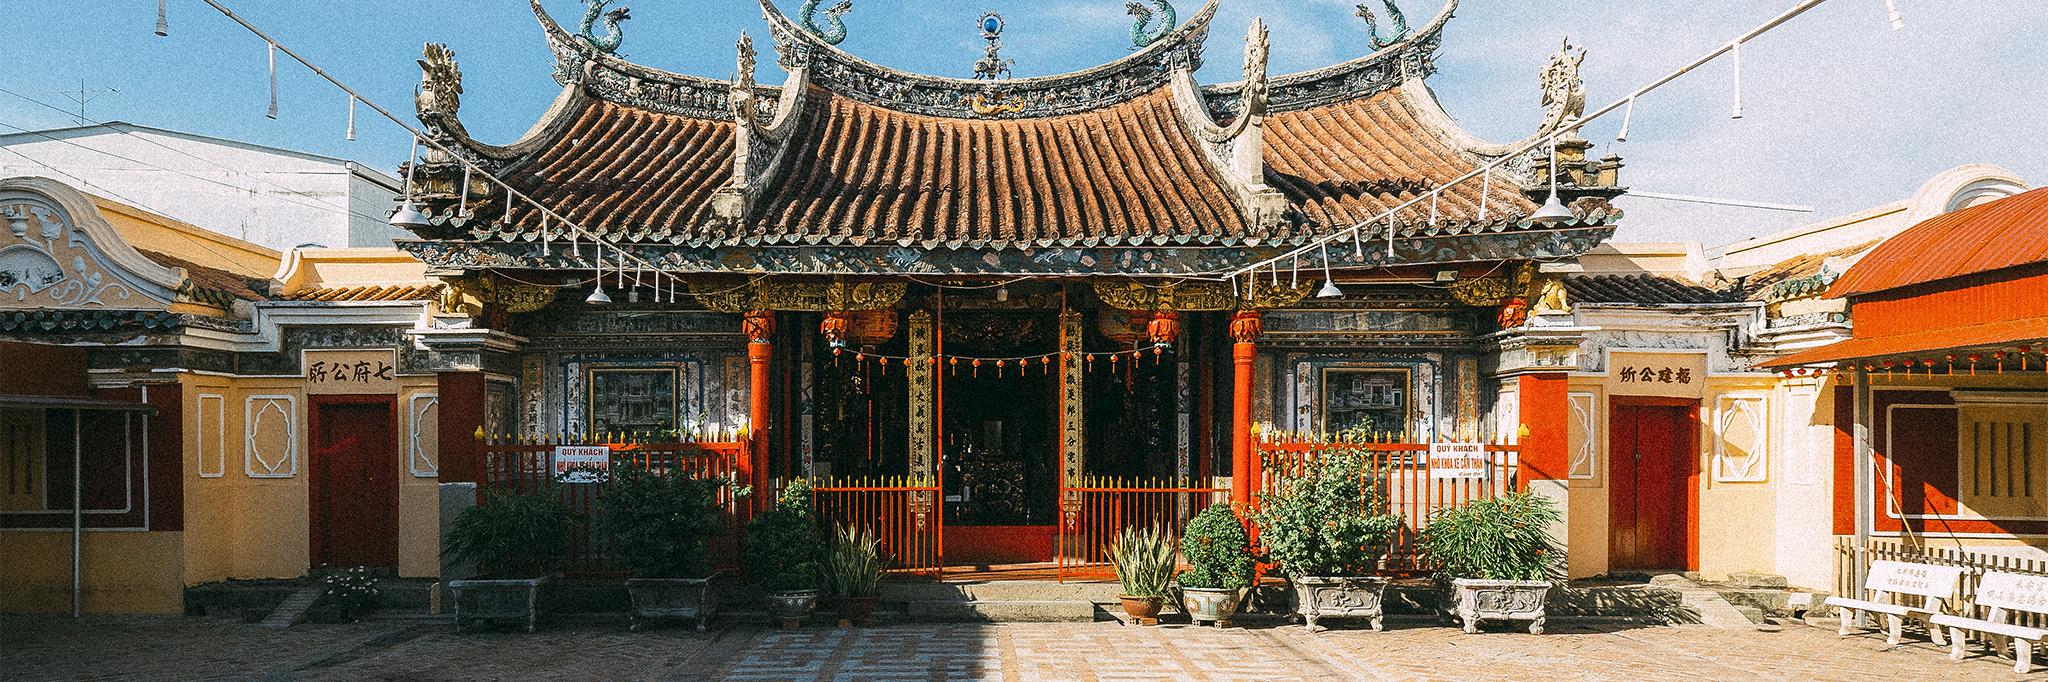 https://gody.vn/blog/nq.ngo64901731/post/chua-ong-vinh-long-6991